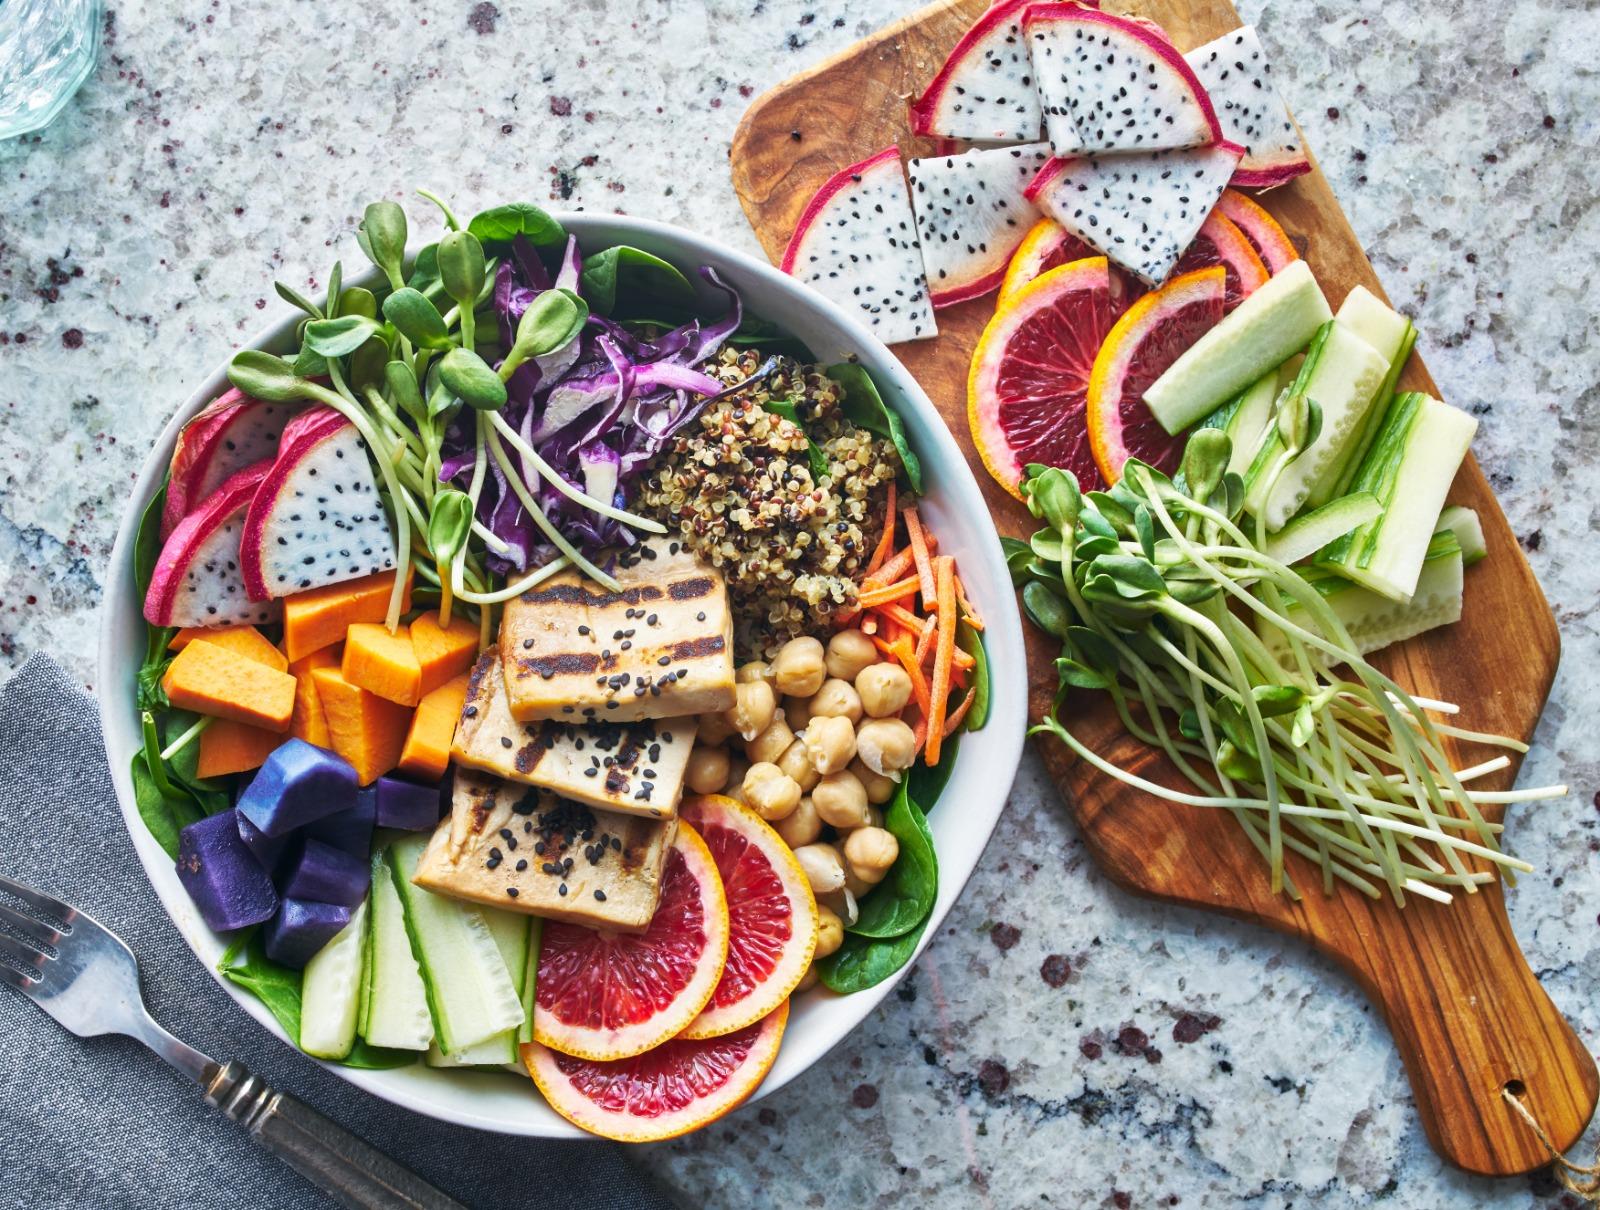 Veganská strava: Jak se vyhnout jejím nedostatkům?